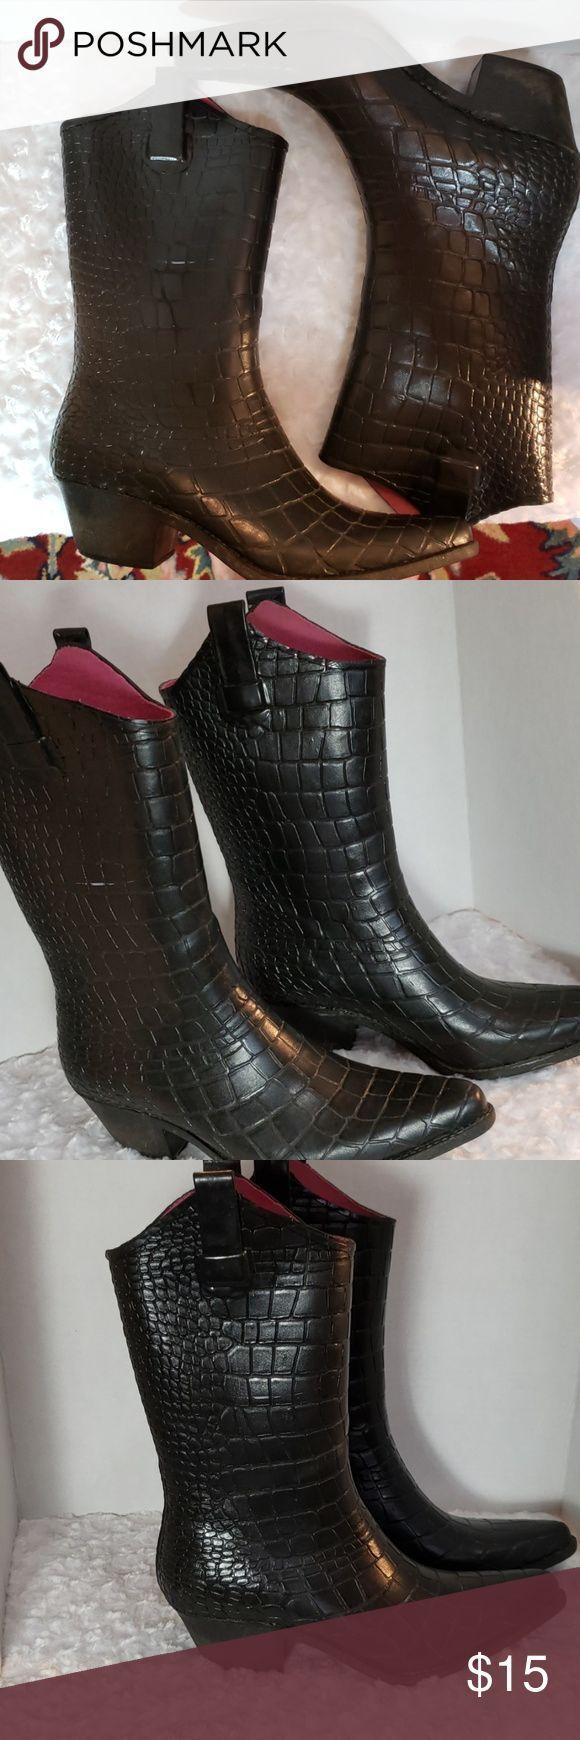 RAIN COWBOY BOOTS Größe 10 keine Marke schöner Zustand. Alligatormuster mit rosa